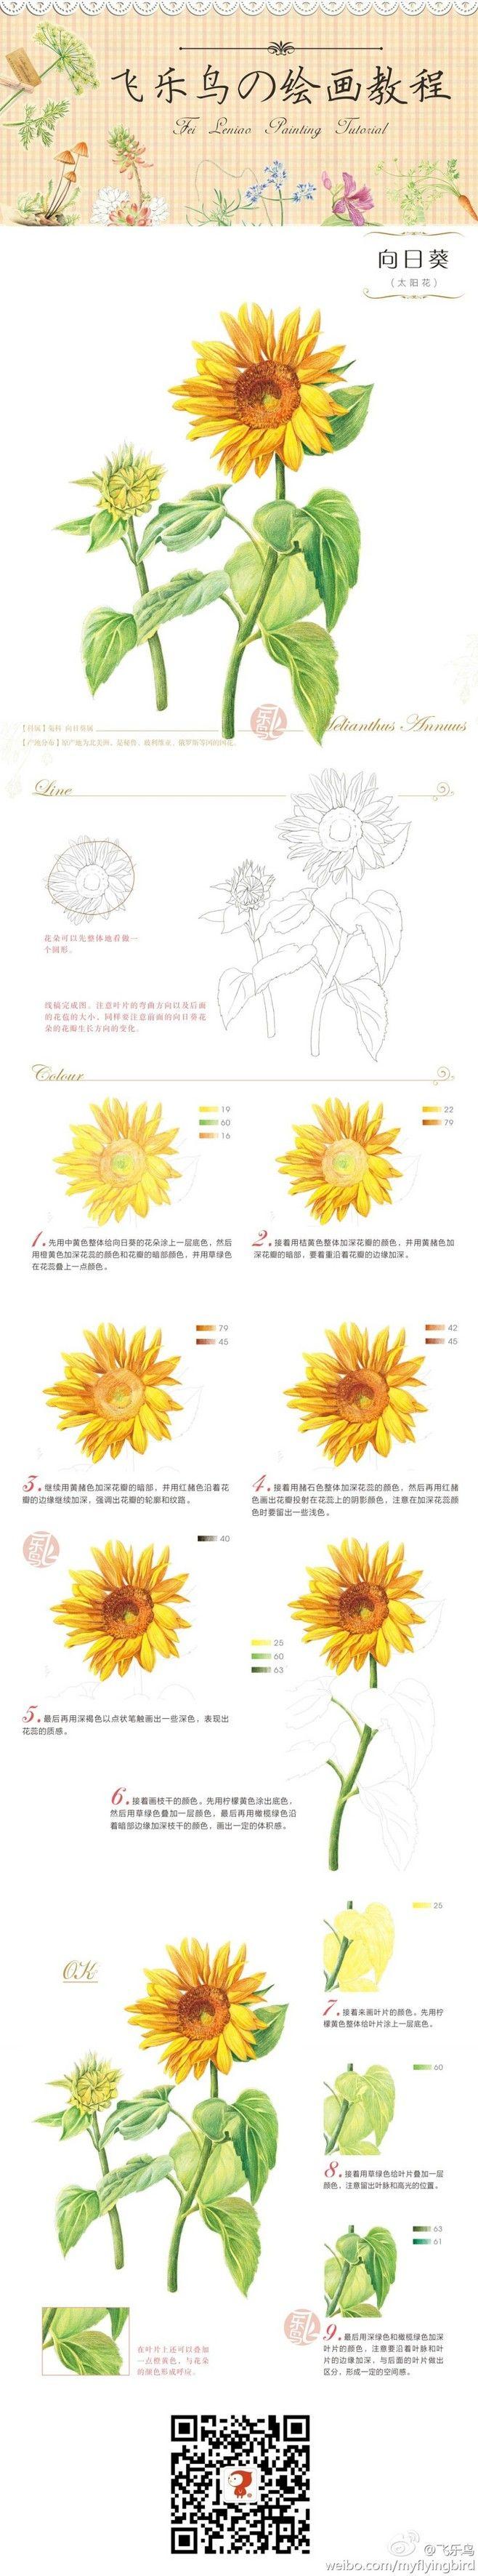 净水映天采集到储艺轩(64图)_花瓣平面设计